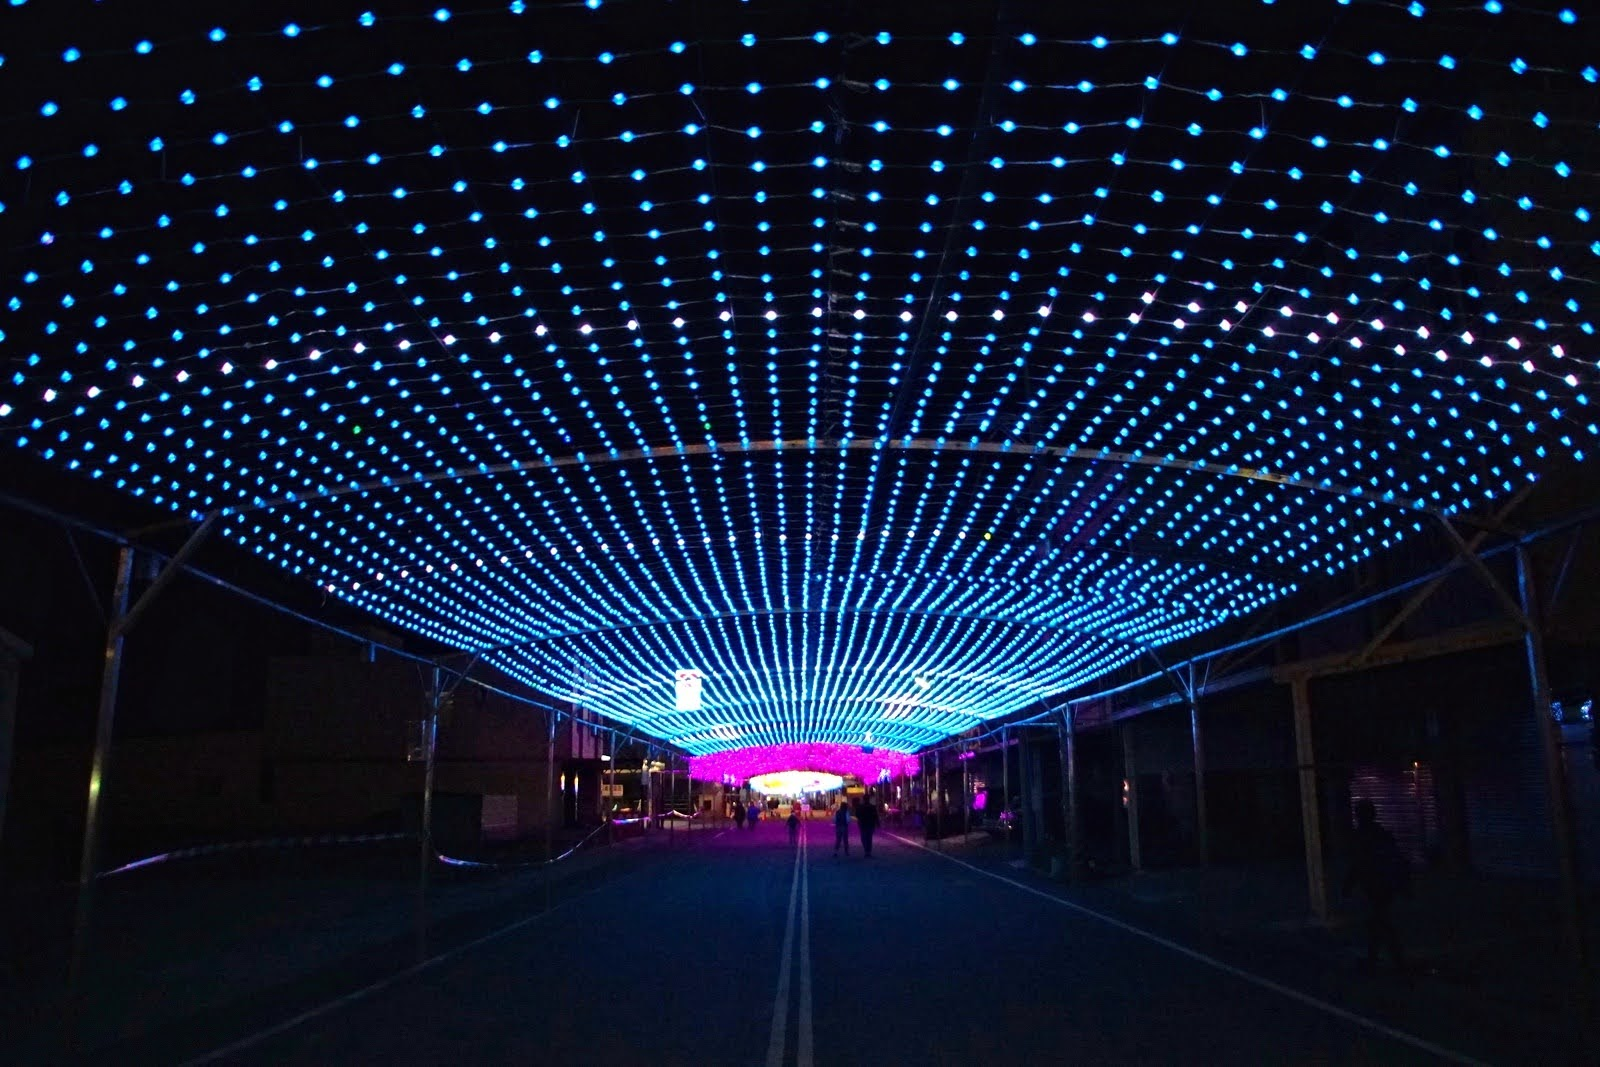 [台南][將軍區] 2021馬沙溝燈會|綠汕帆影|台南濱海最美燈會|遊記